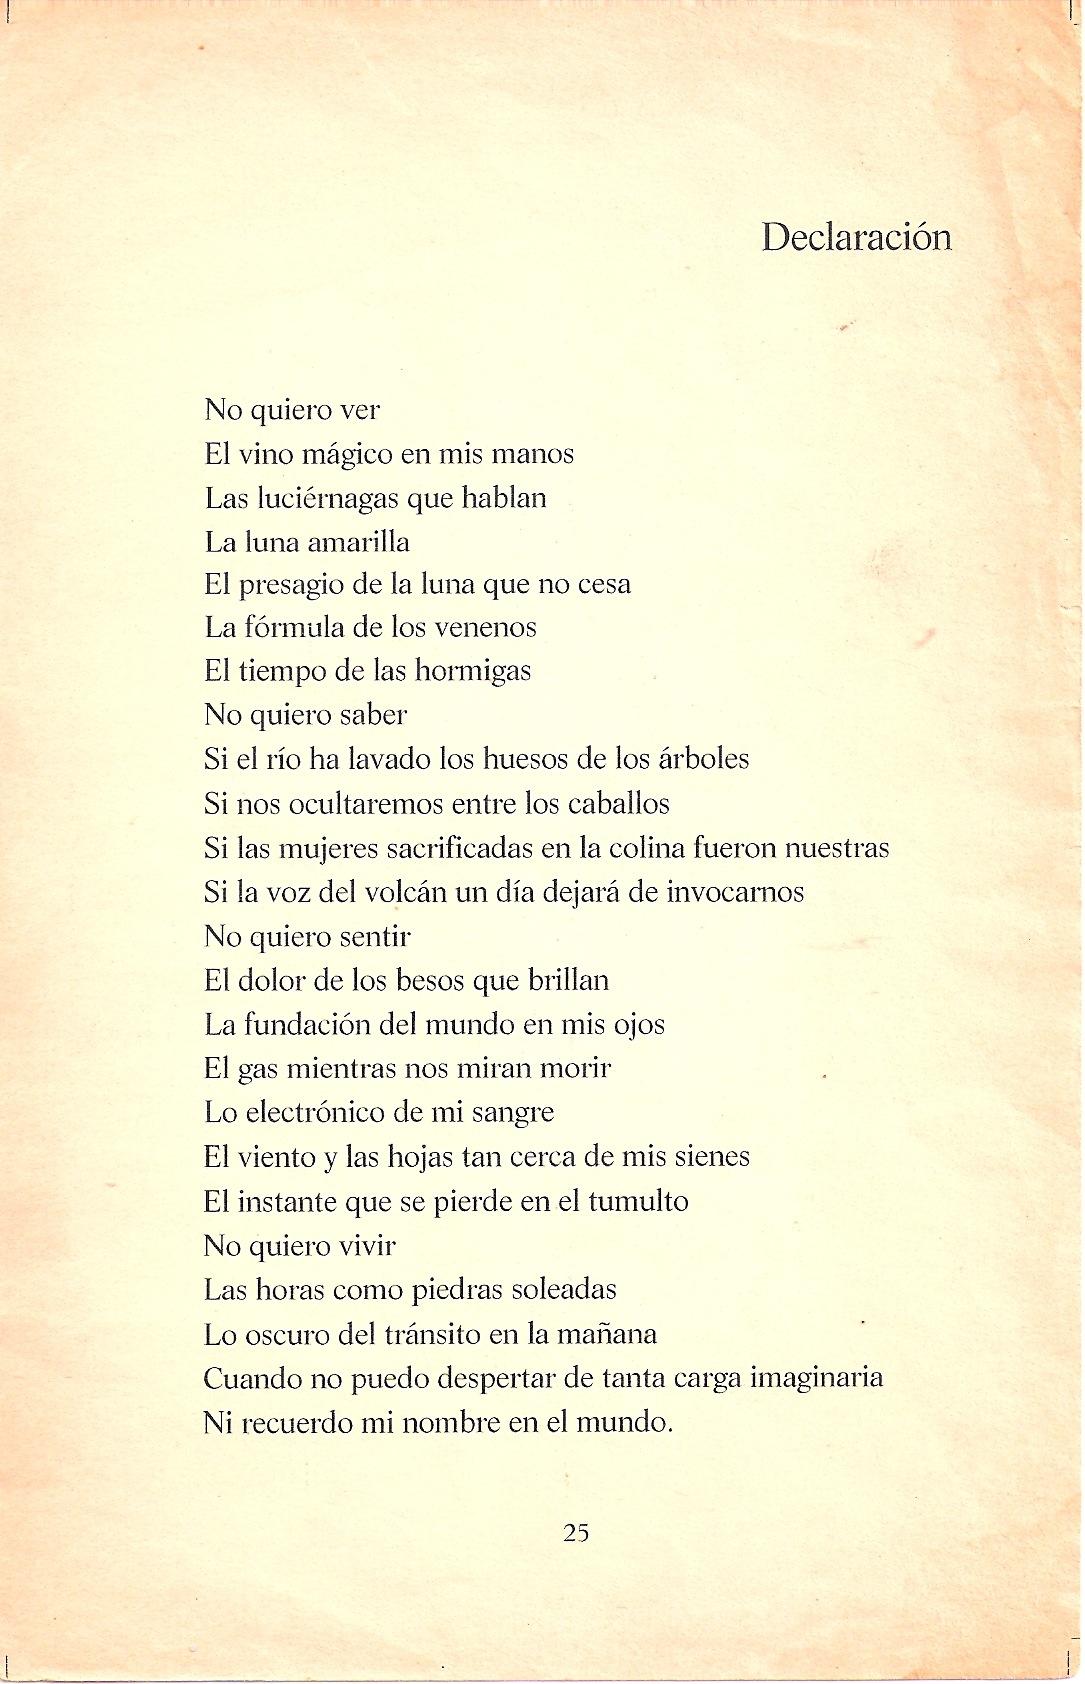 Poema del libro de Ezequiel Borges